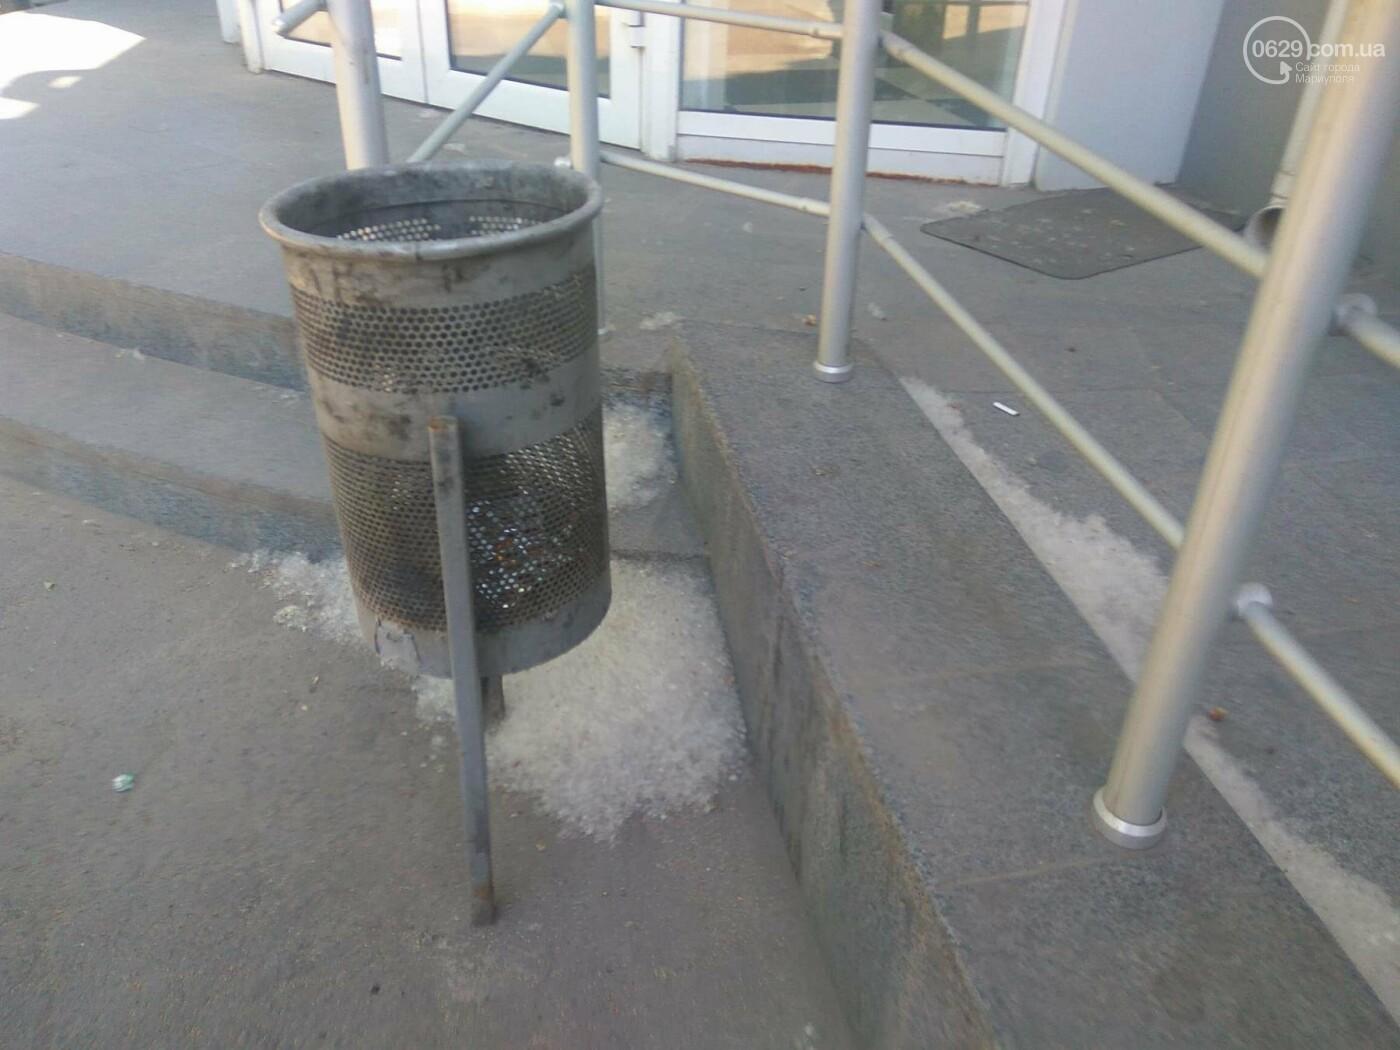 В Мариуполе раньше времени появился тополиный пух (Фотофакт), фото-3